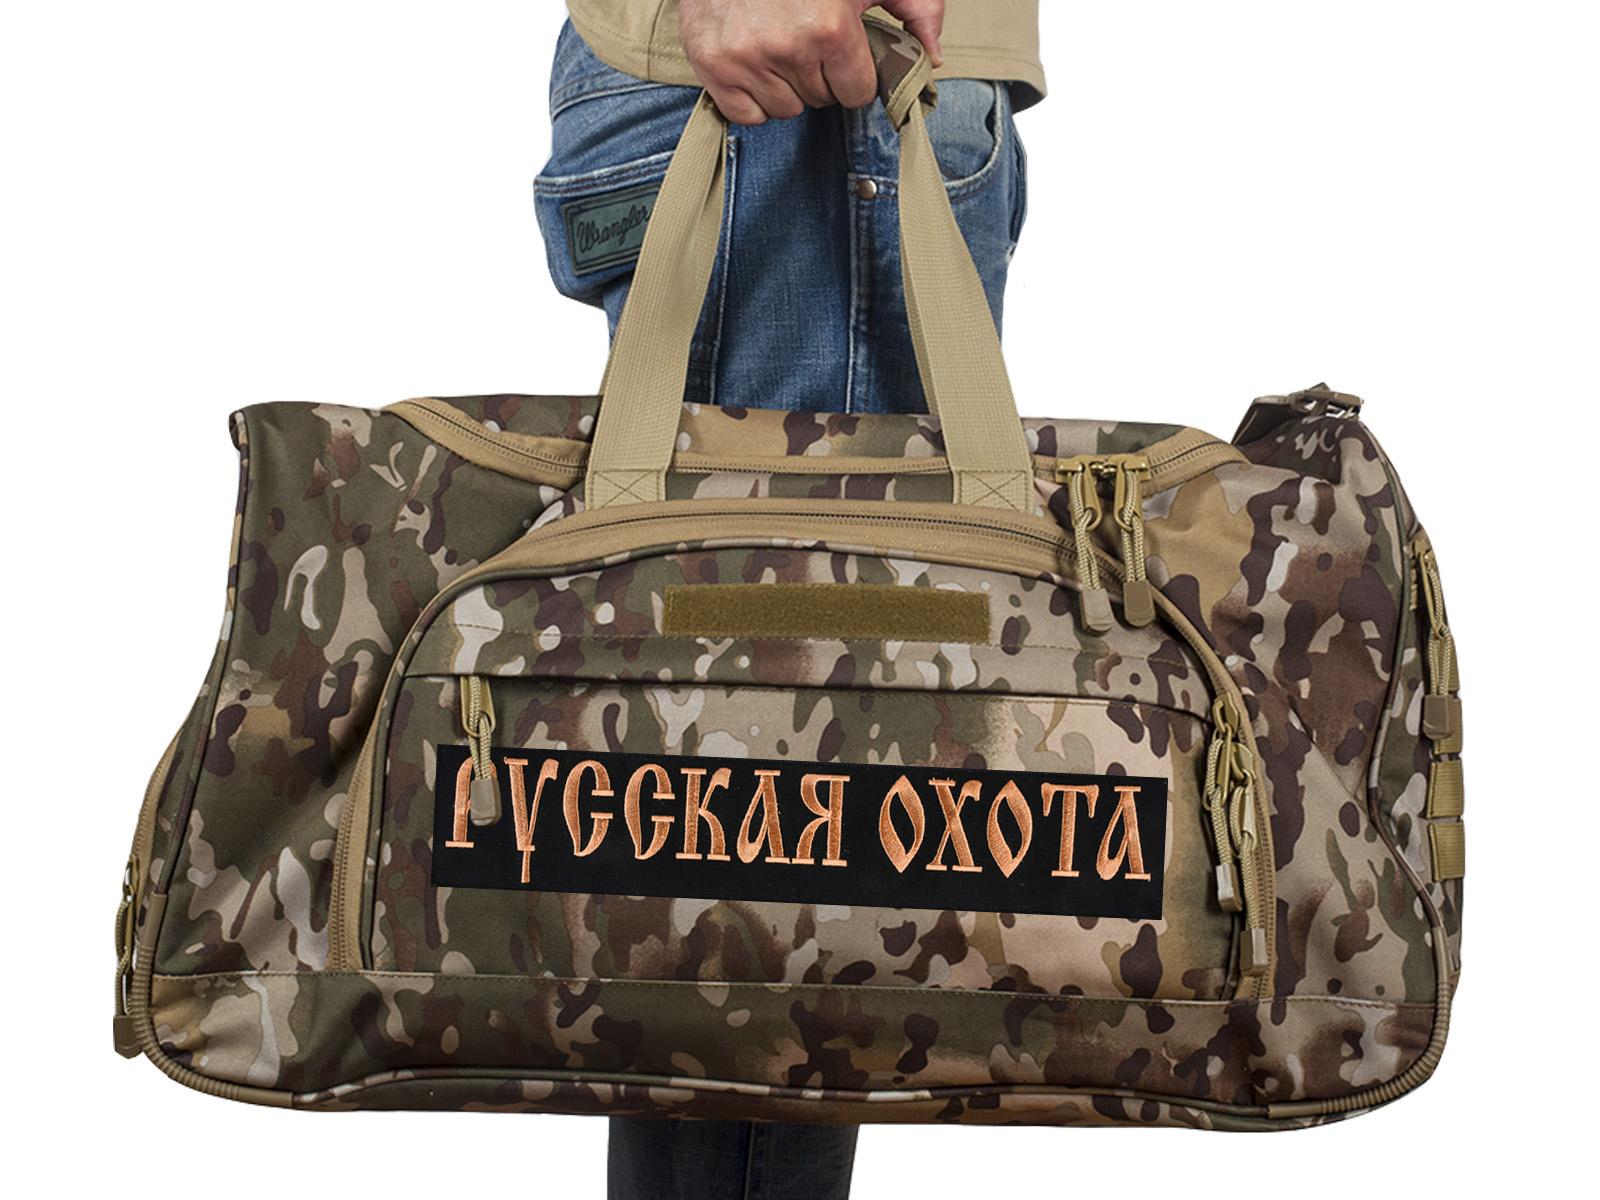 Купить мужскую военную сумку Русская Охота, код 08032B в подарок охотнику